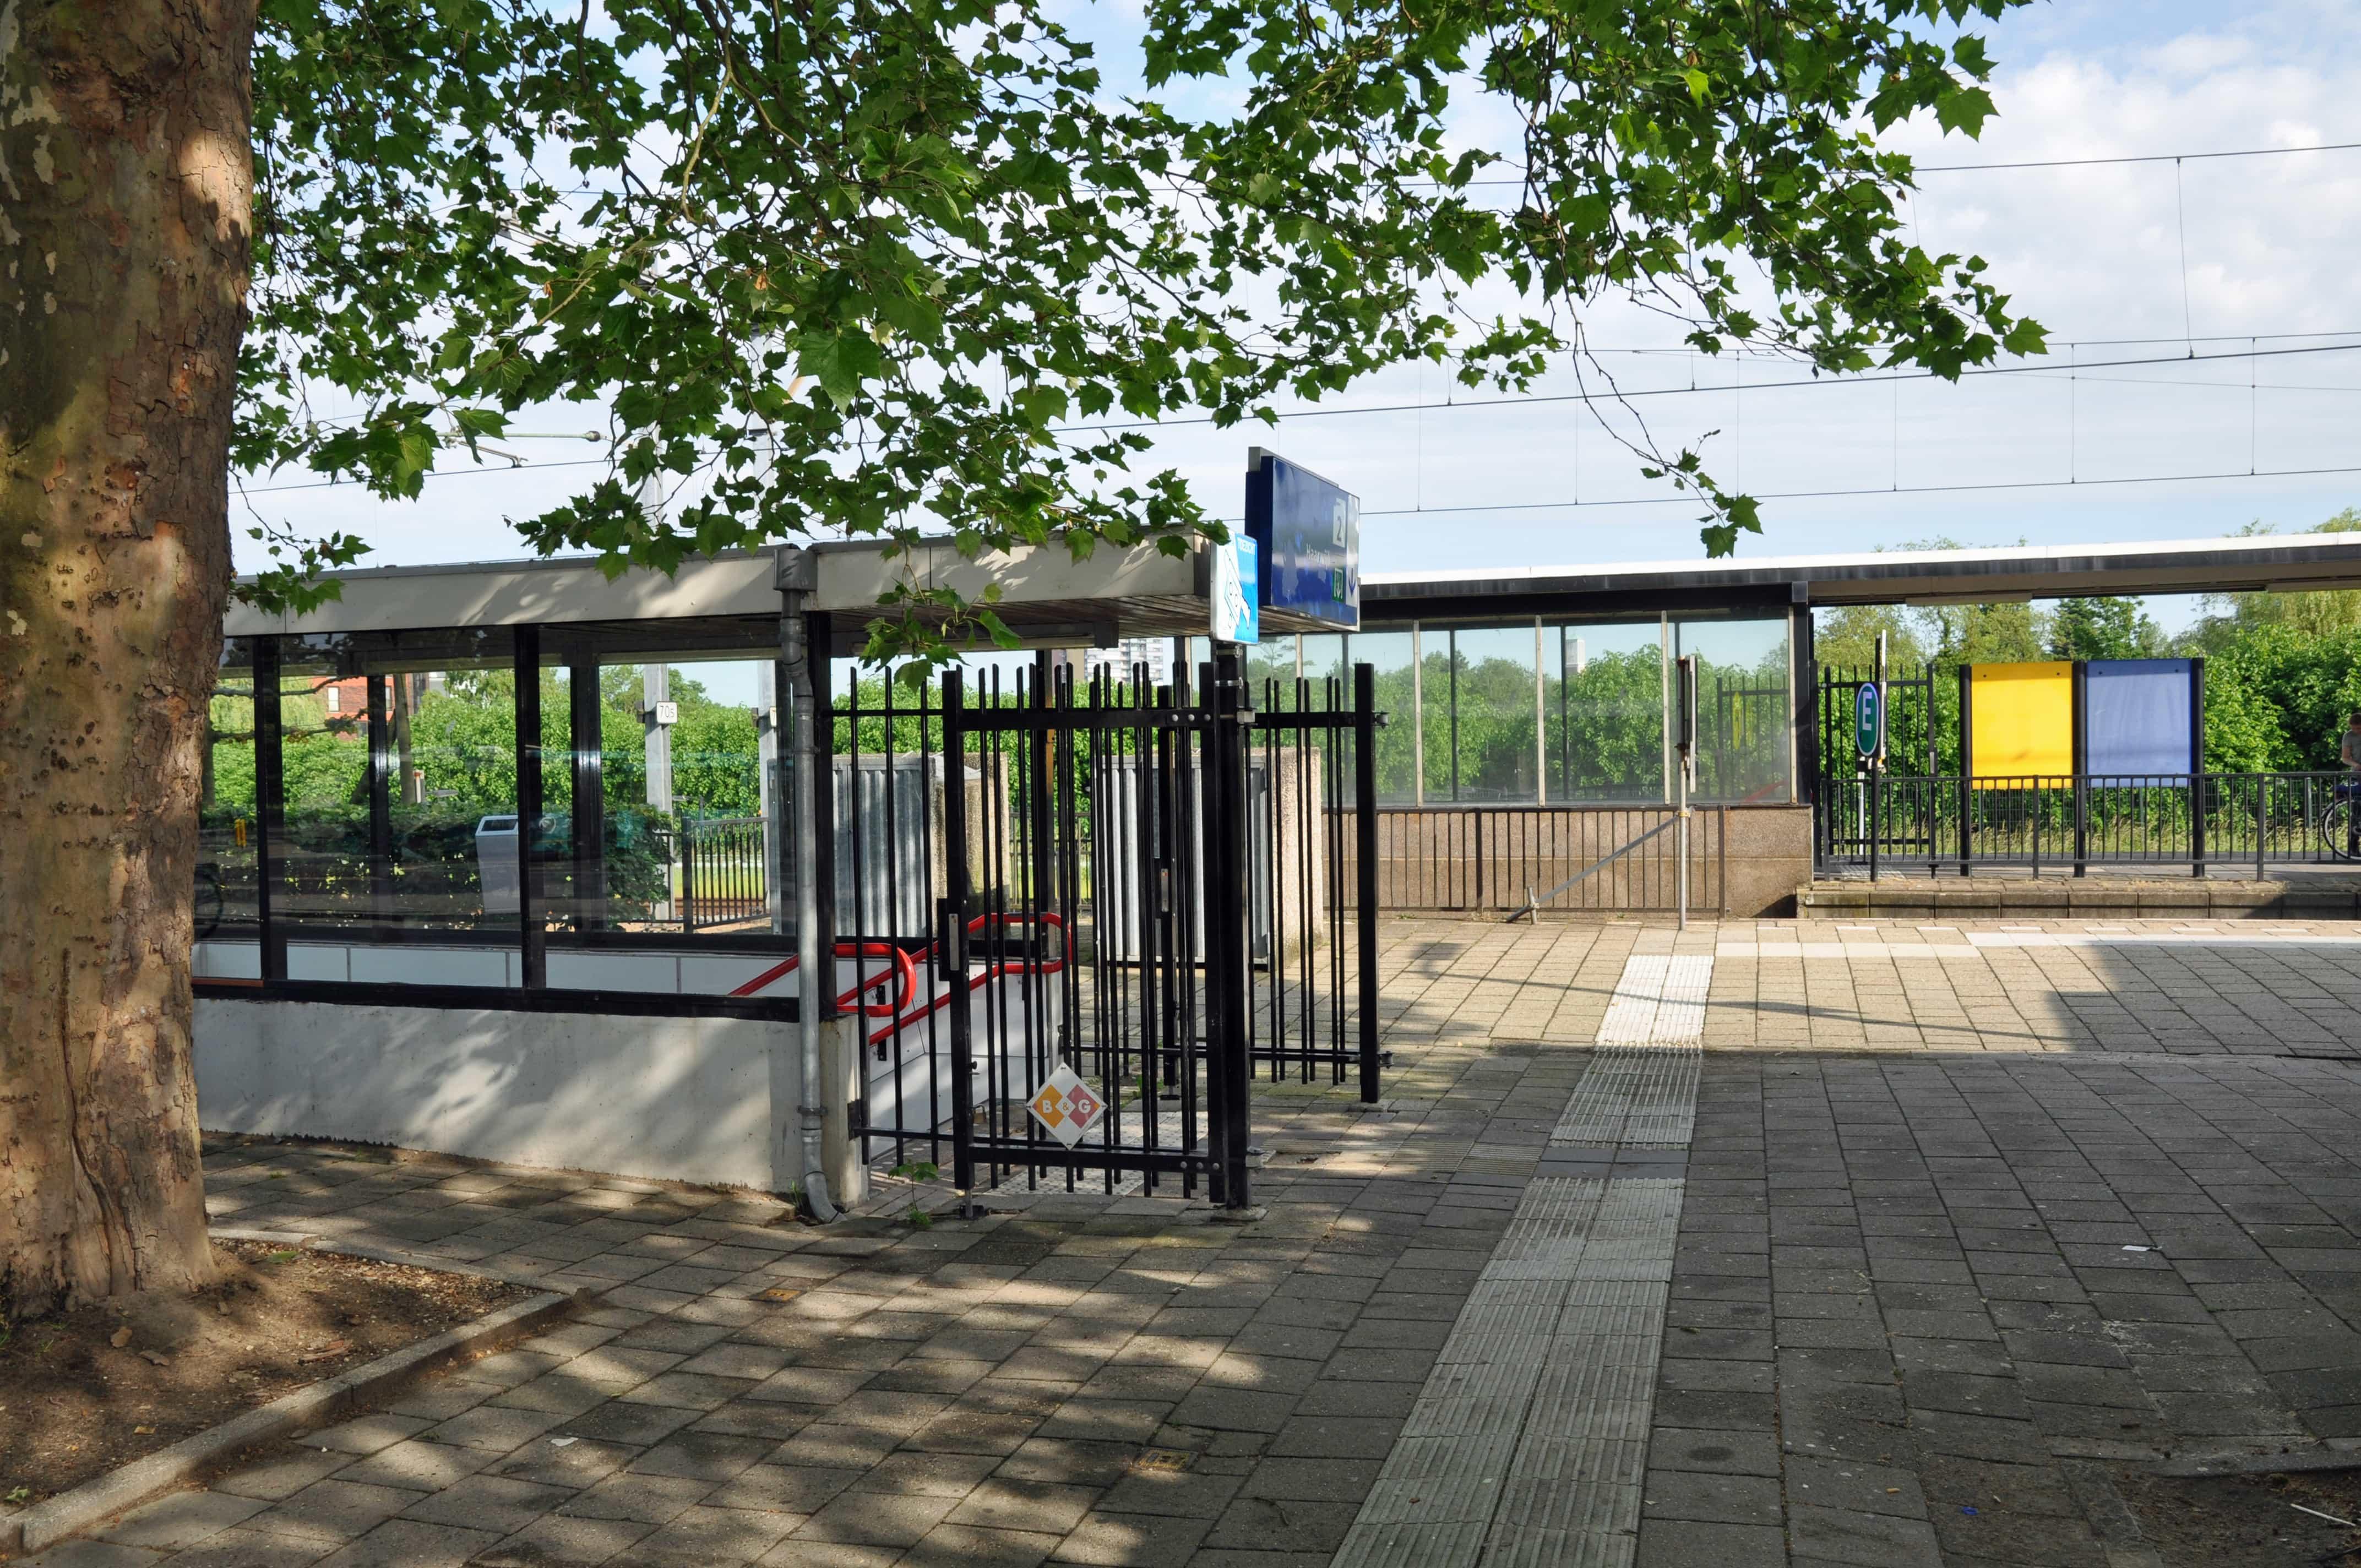 Reizigerstunnel station Gorinchem